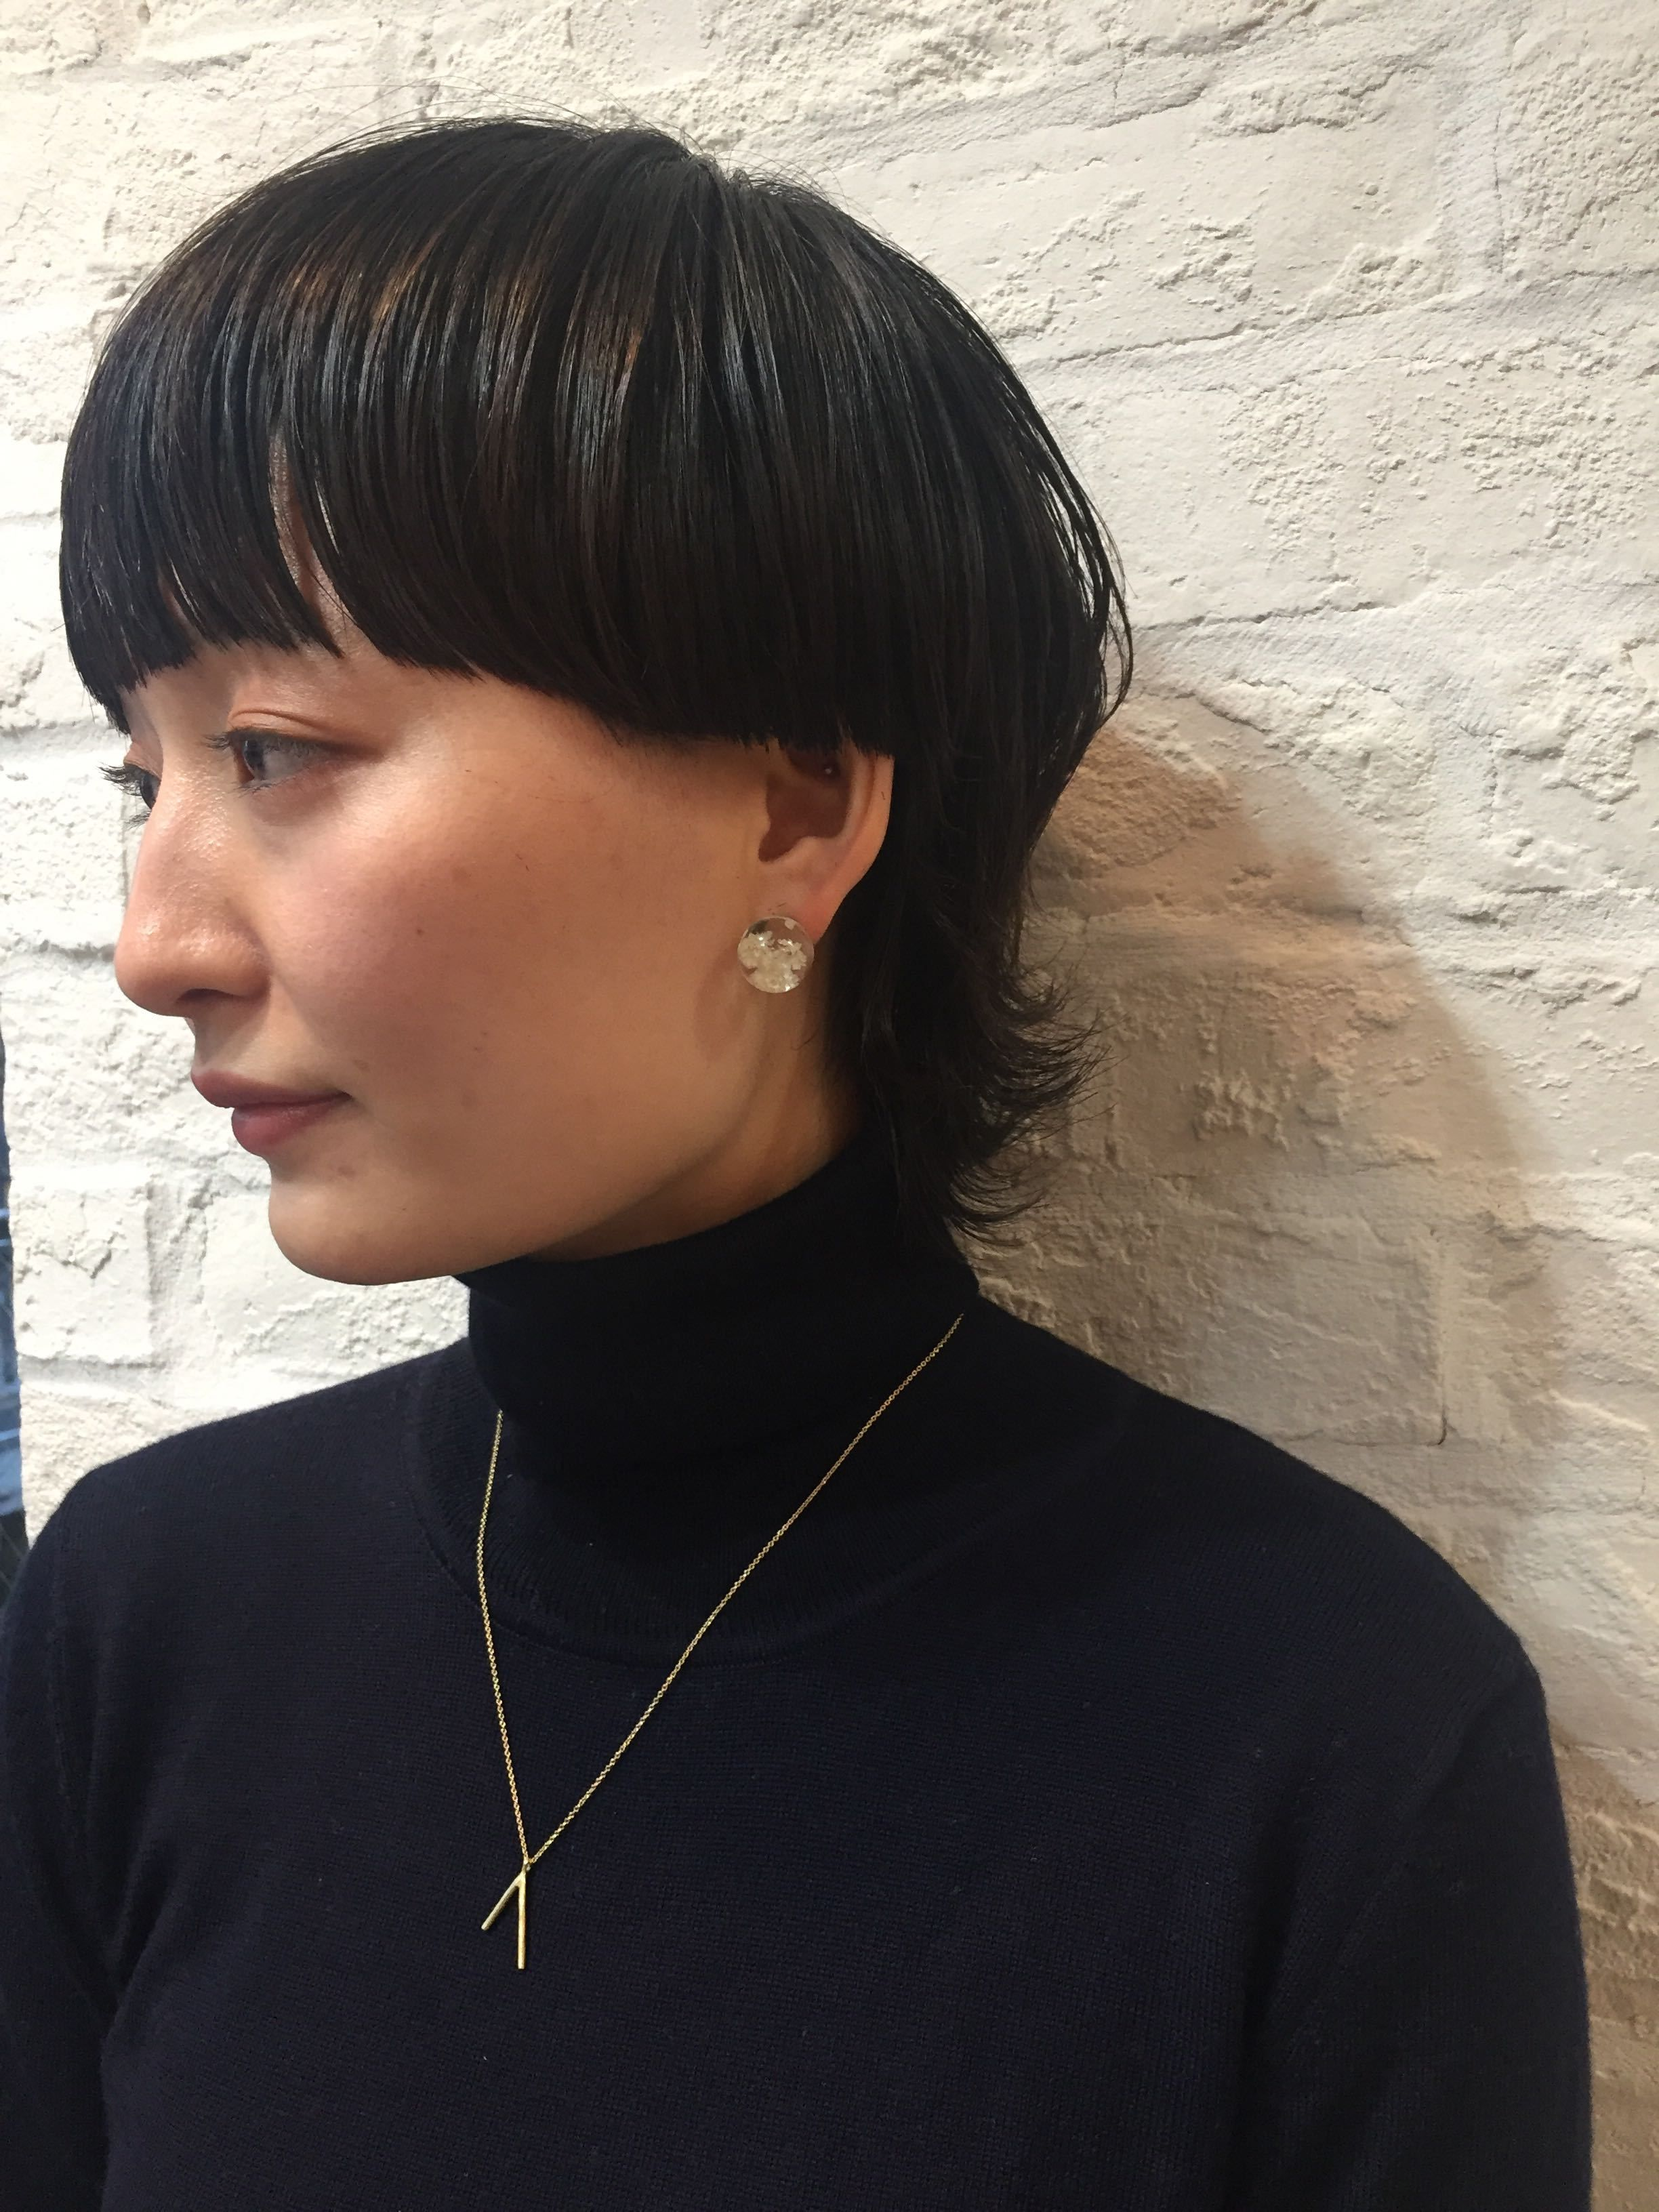 マッシュウルフ ショート カットモデルアプリ Cutmo カトモ プチプラ で髪を切る 髪型 ボブ 個性的 髪型 ヘアカット